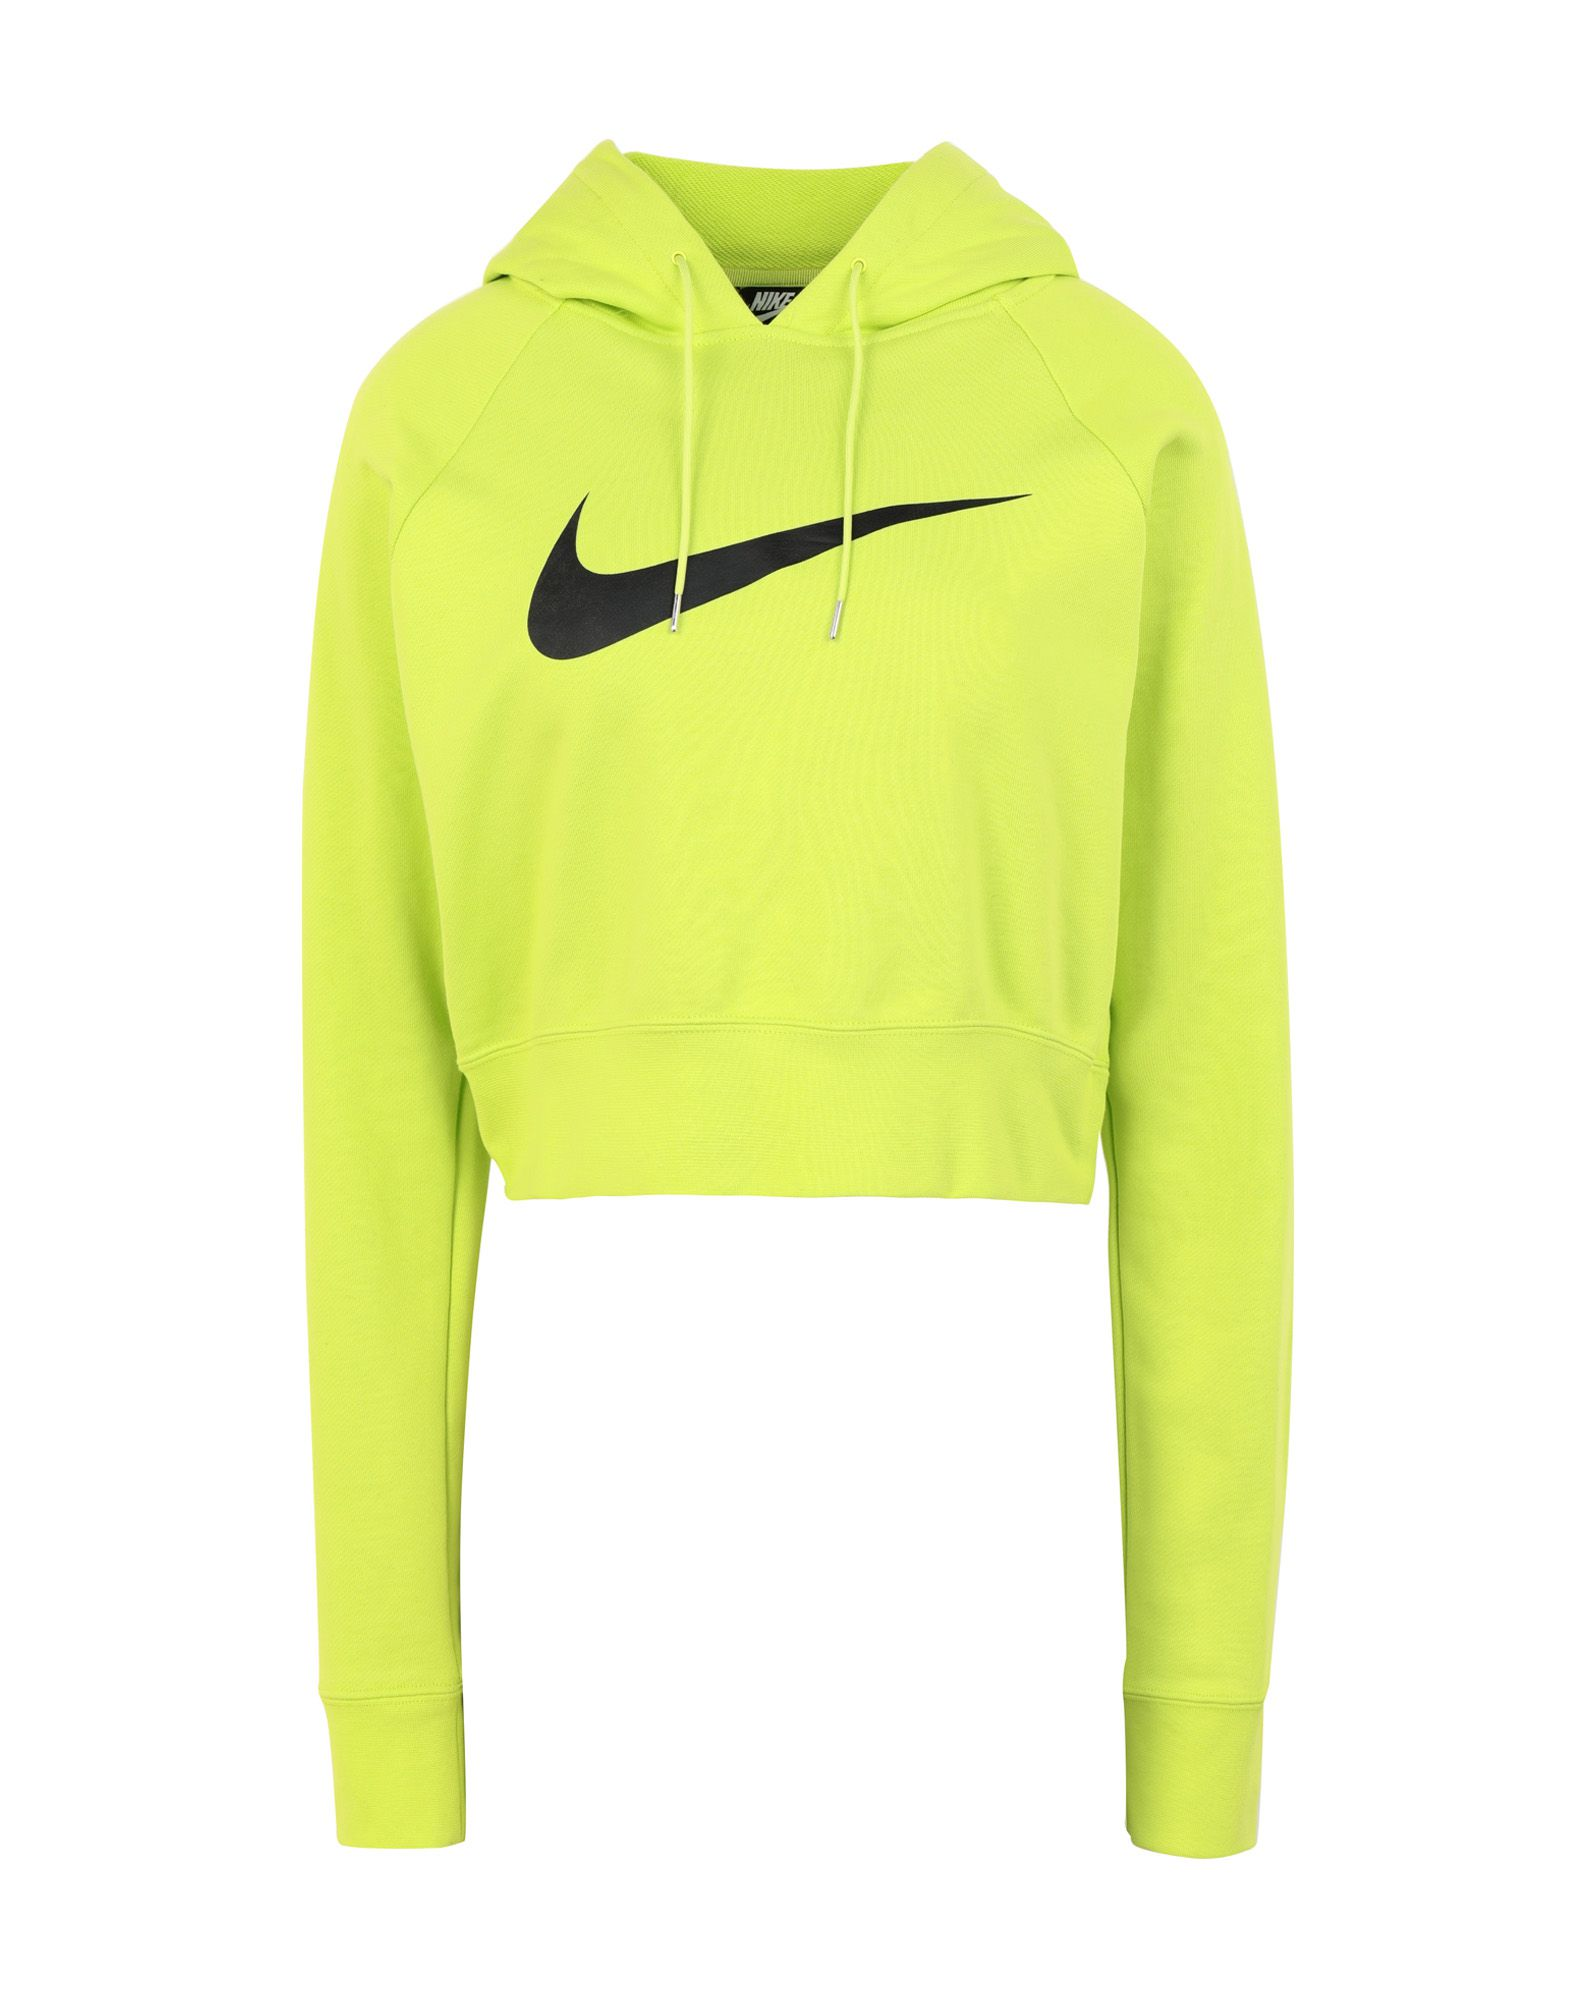 2624c66f24341 Felpe Nike Donna Collezione Primavera-Estate e Autunno-Inverno ...